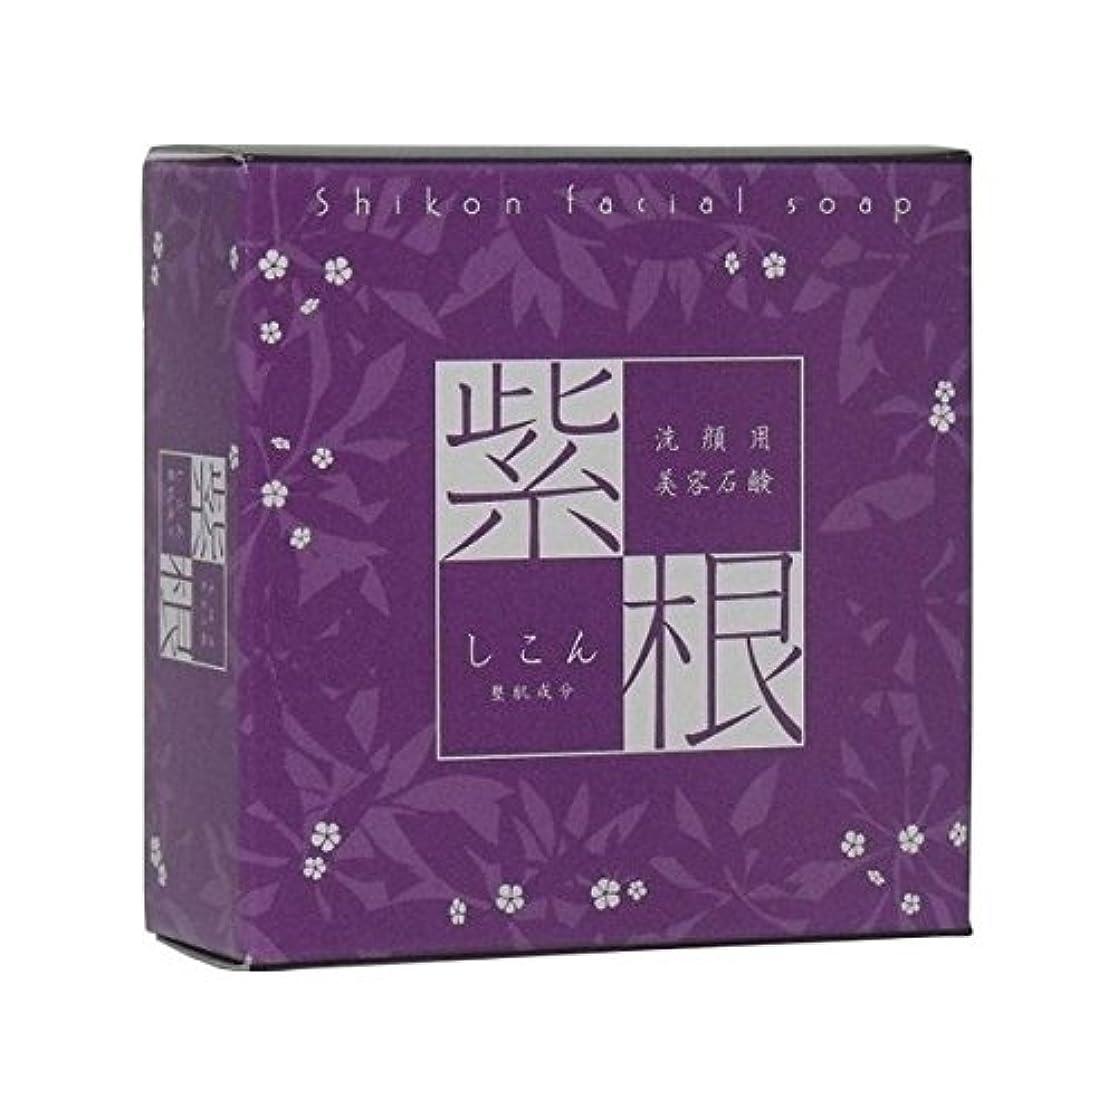 まっすぐにする生息地小学生紫根石鹸110g(オリジナル泡立てネット付き)3個セット【魔女たちの22時で話題!】